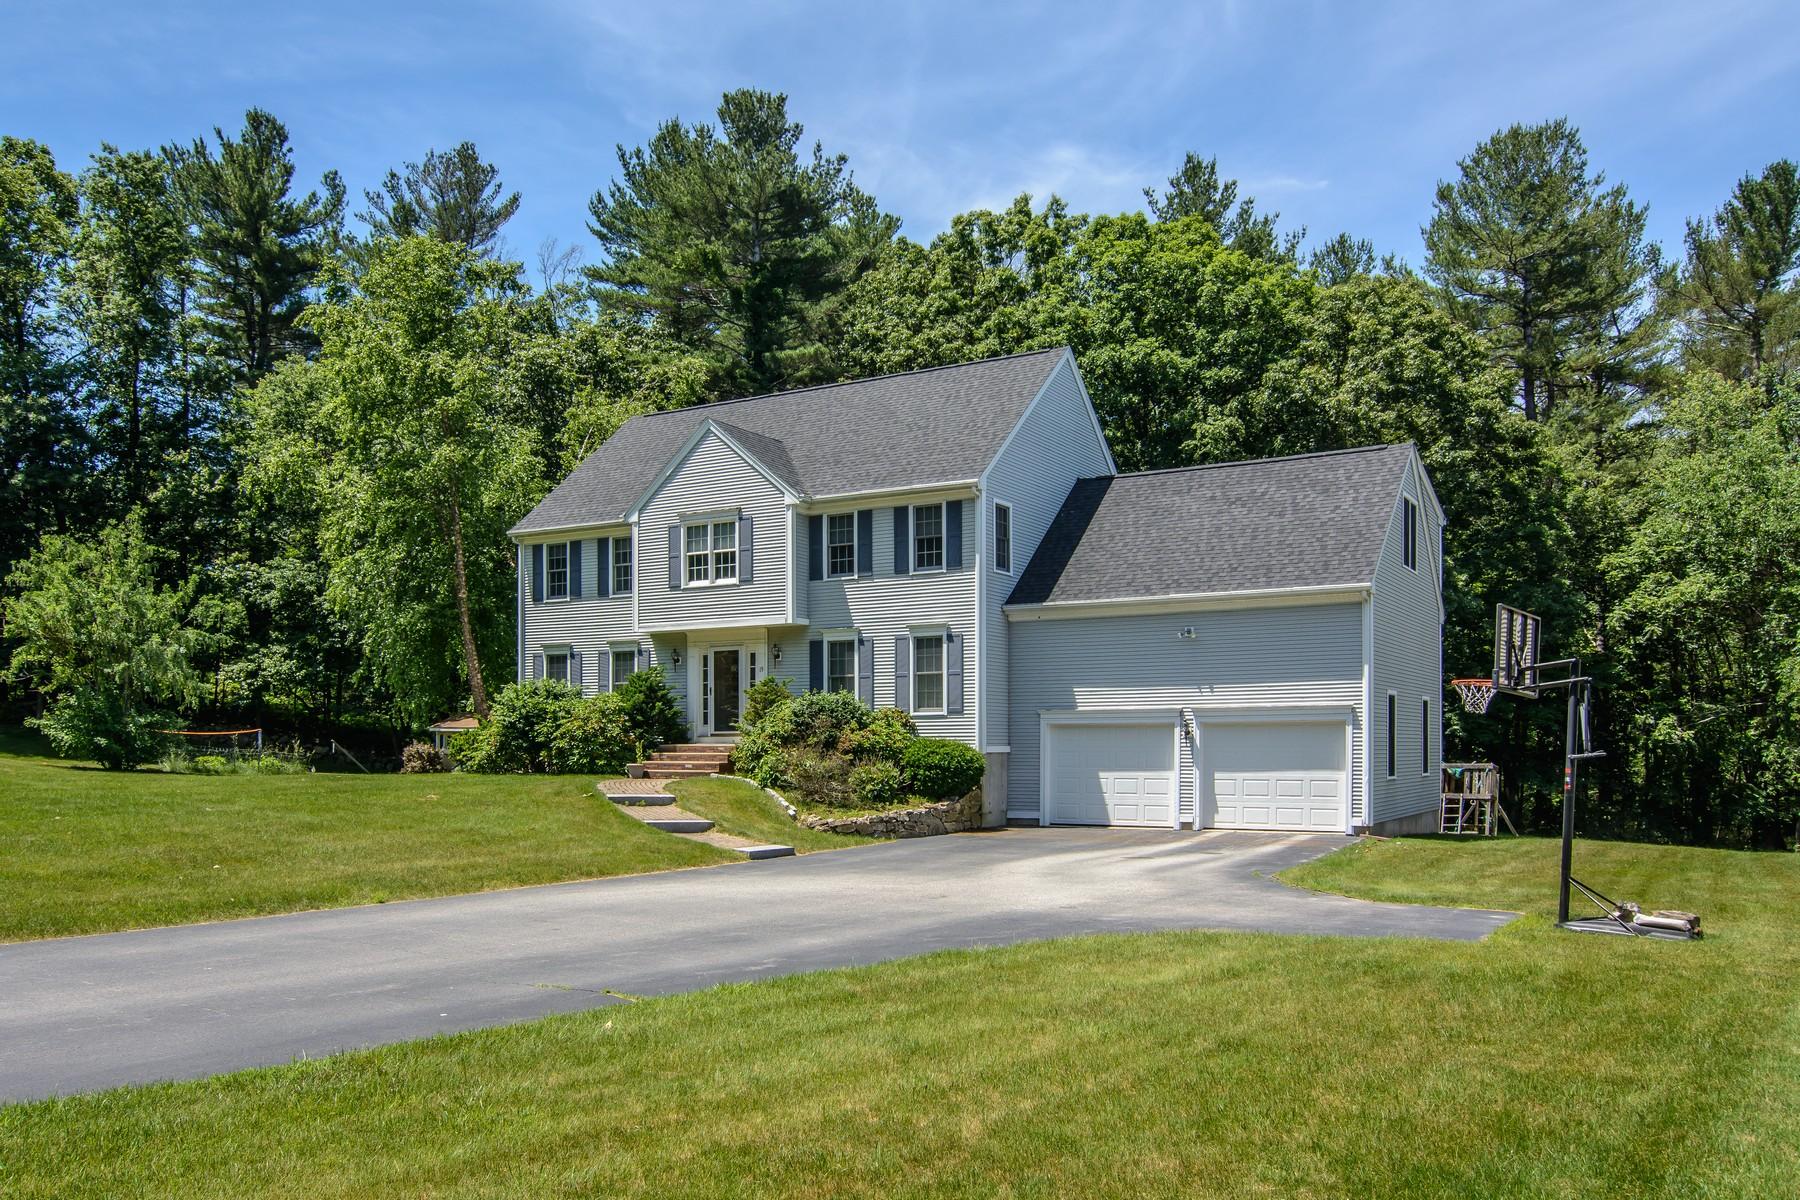 Casa para uma família para Venda às Inviting Colonial On Scenic Street 19 Belknap Street, Westborough, Massachusetts, 01581 Estados Unidos